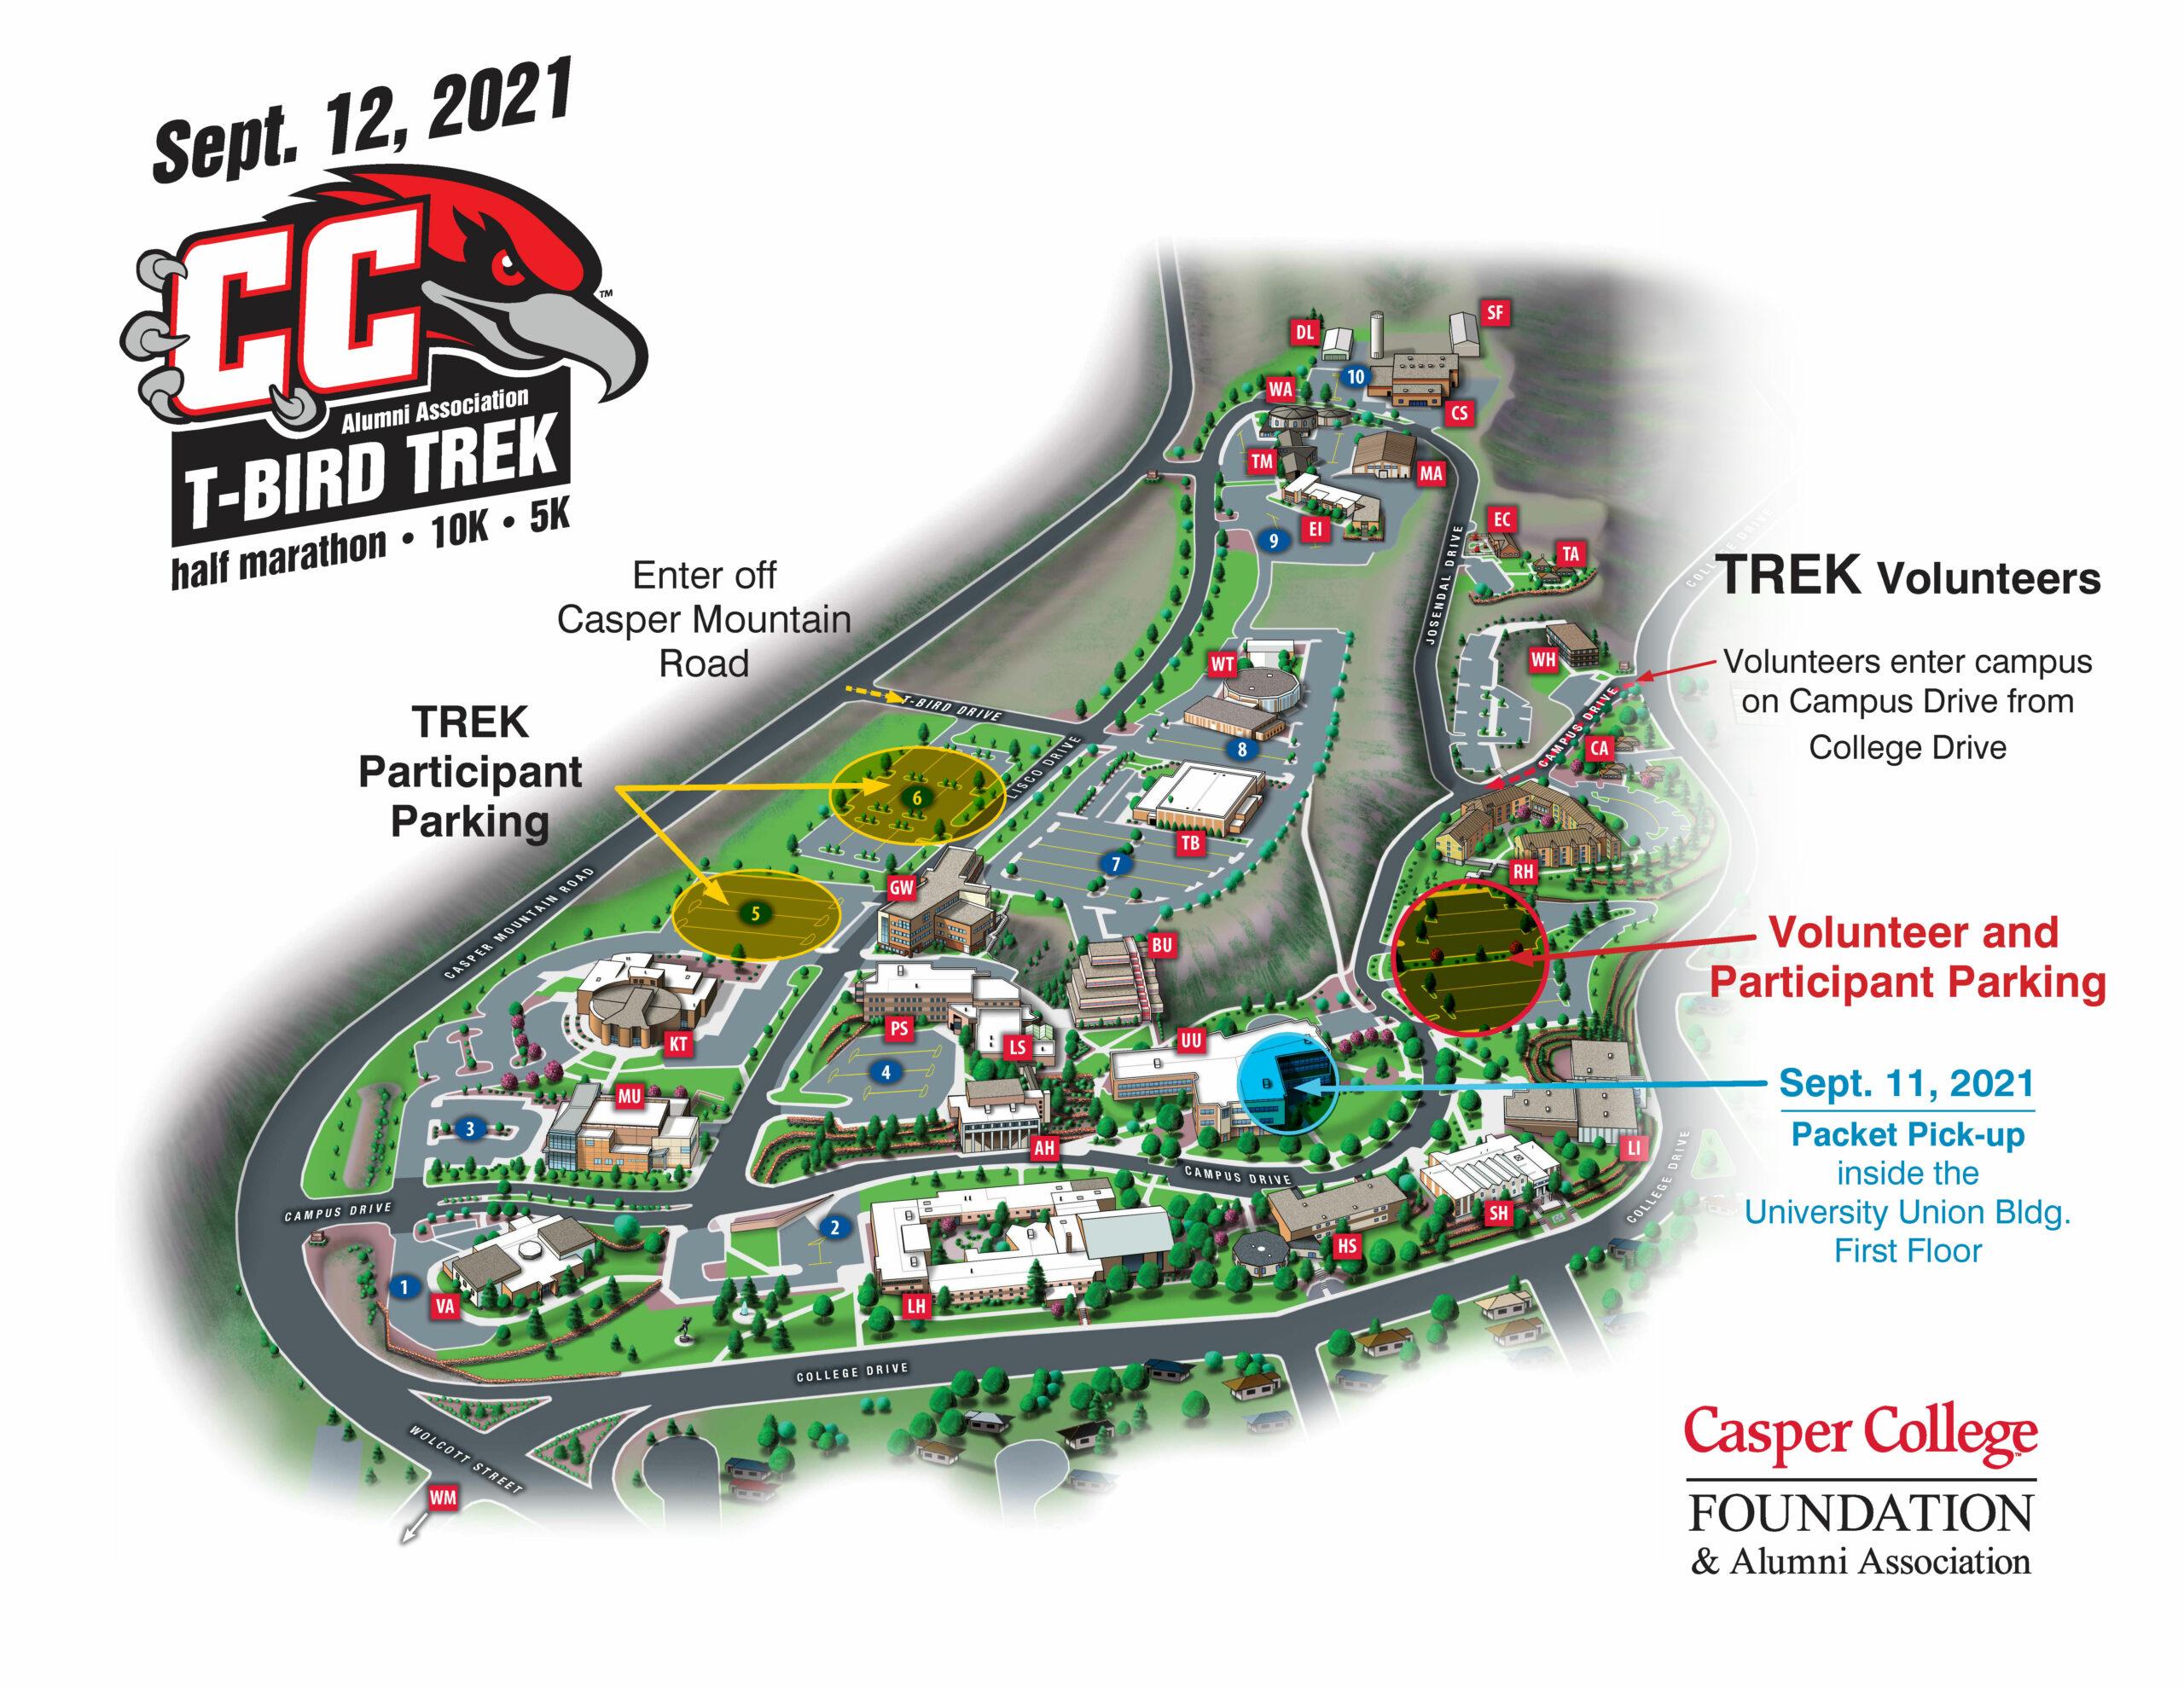 Trek Parking Map 2021 image